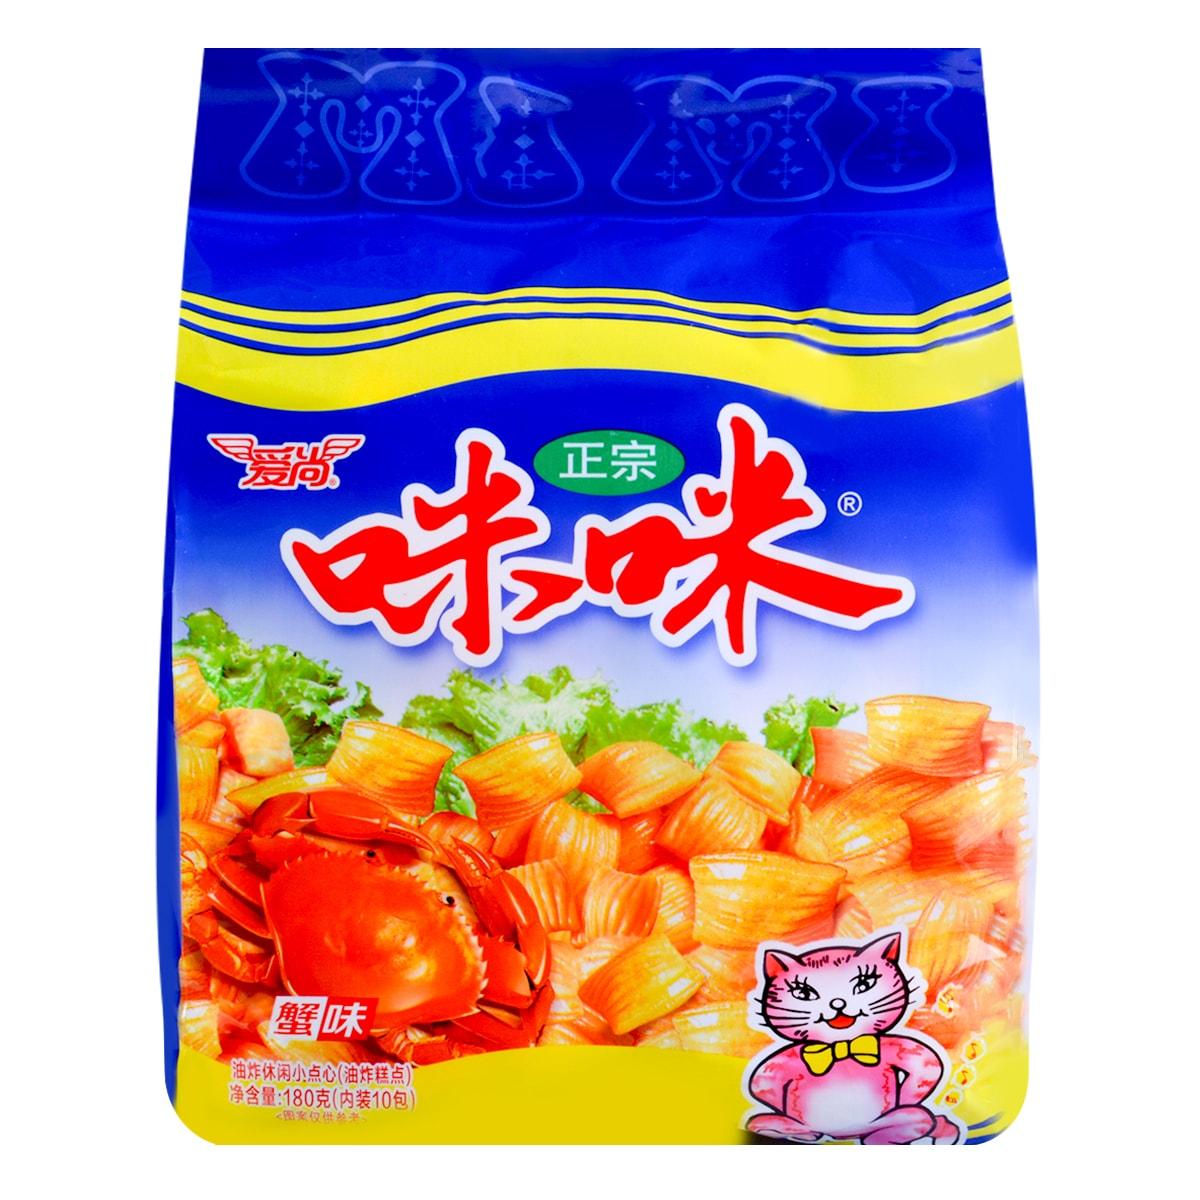 爱尚 咪咪蟹味粒 10袋入 180g